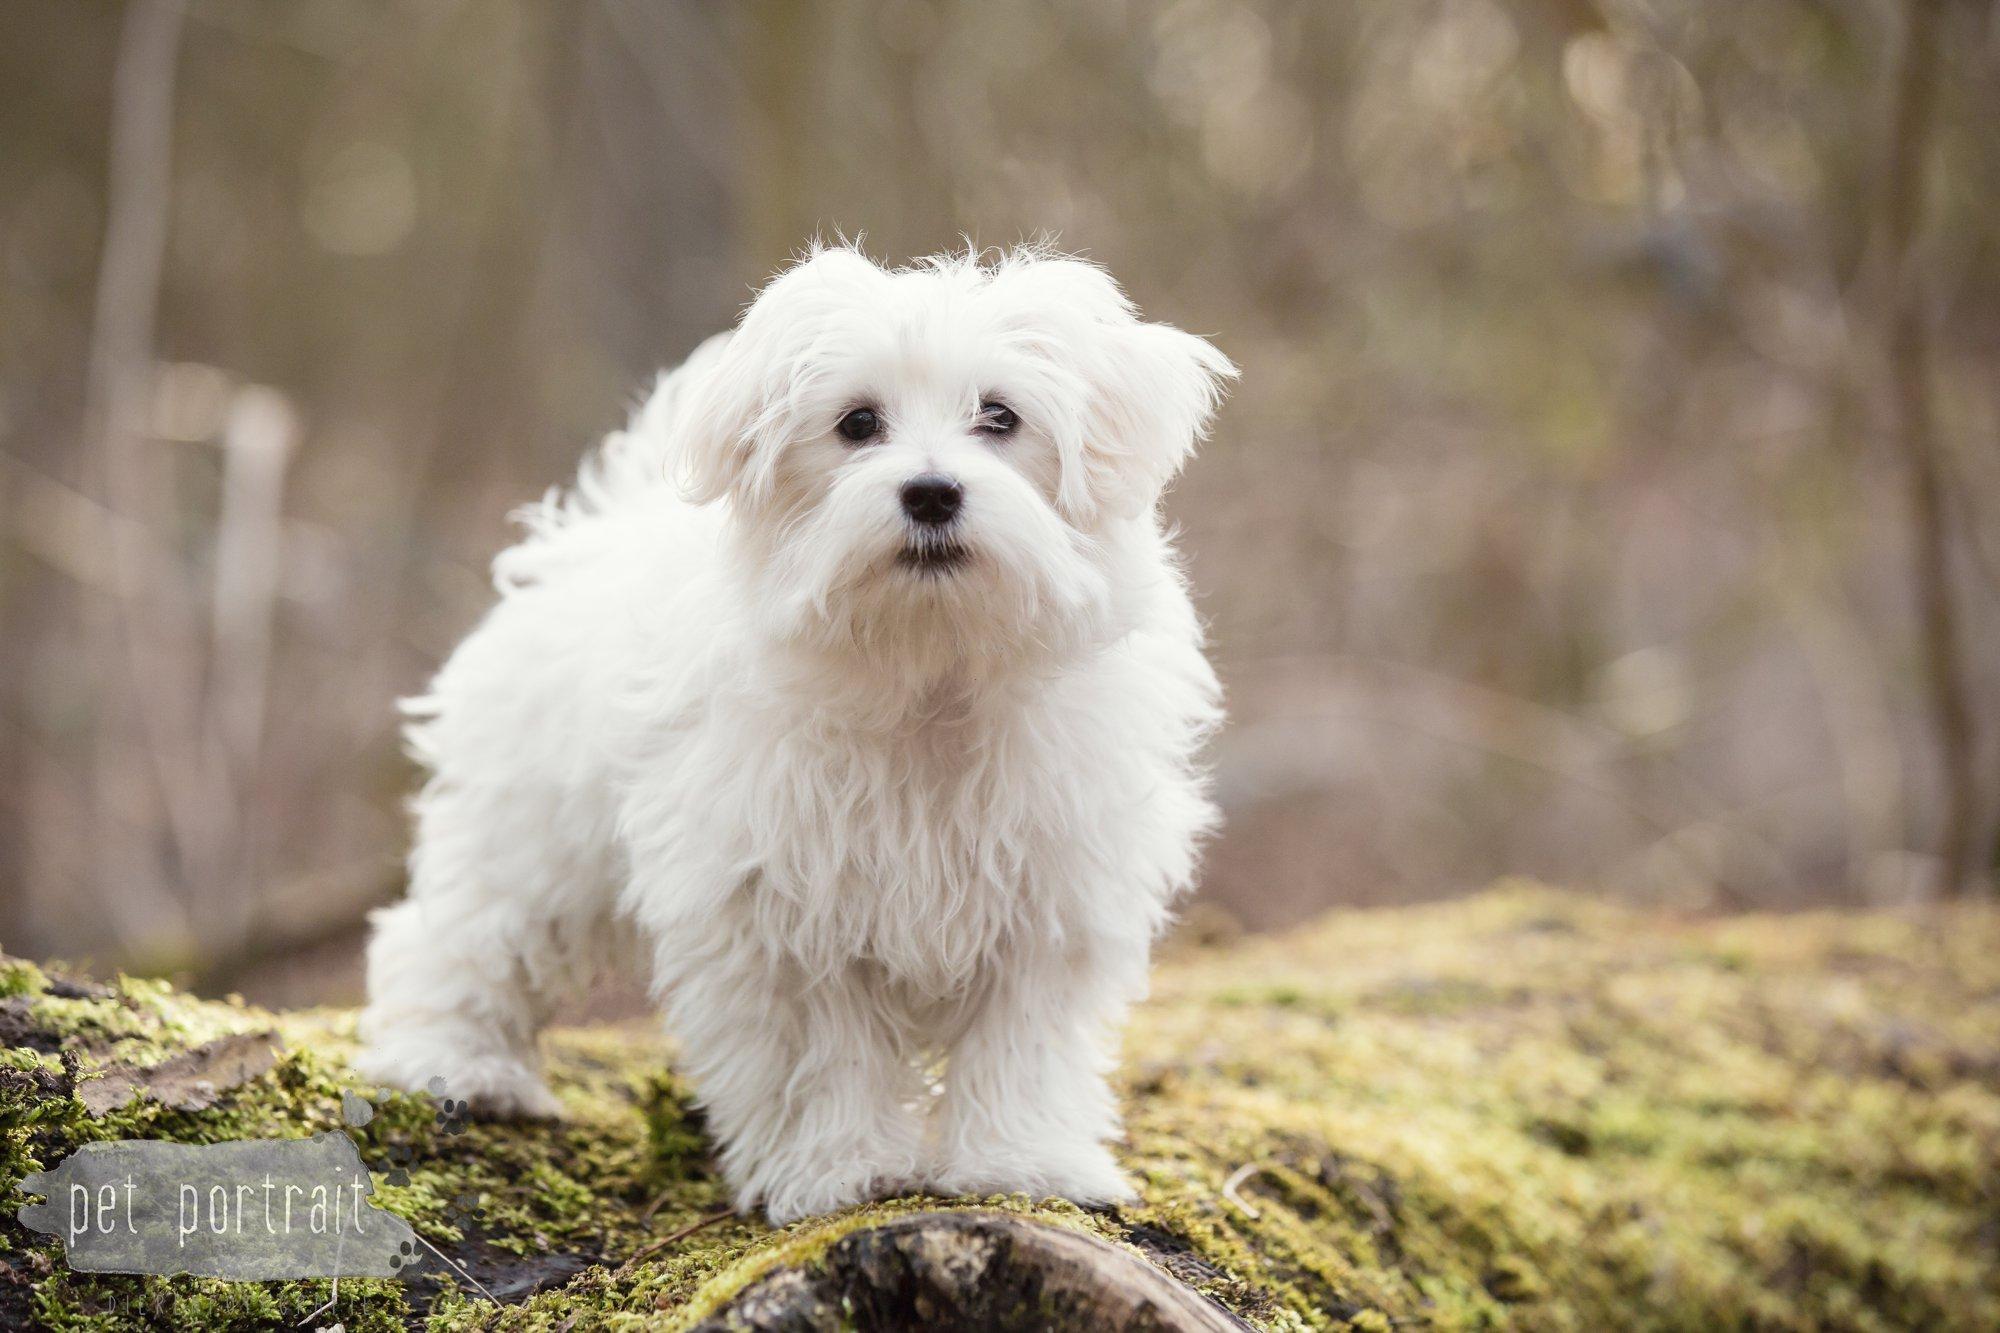 Hondenfotograaf Heemstede - Maltezer pup-5